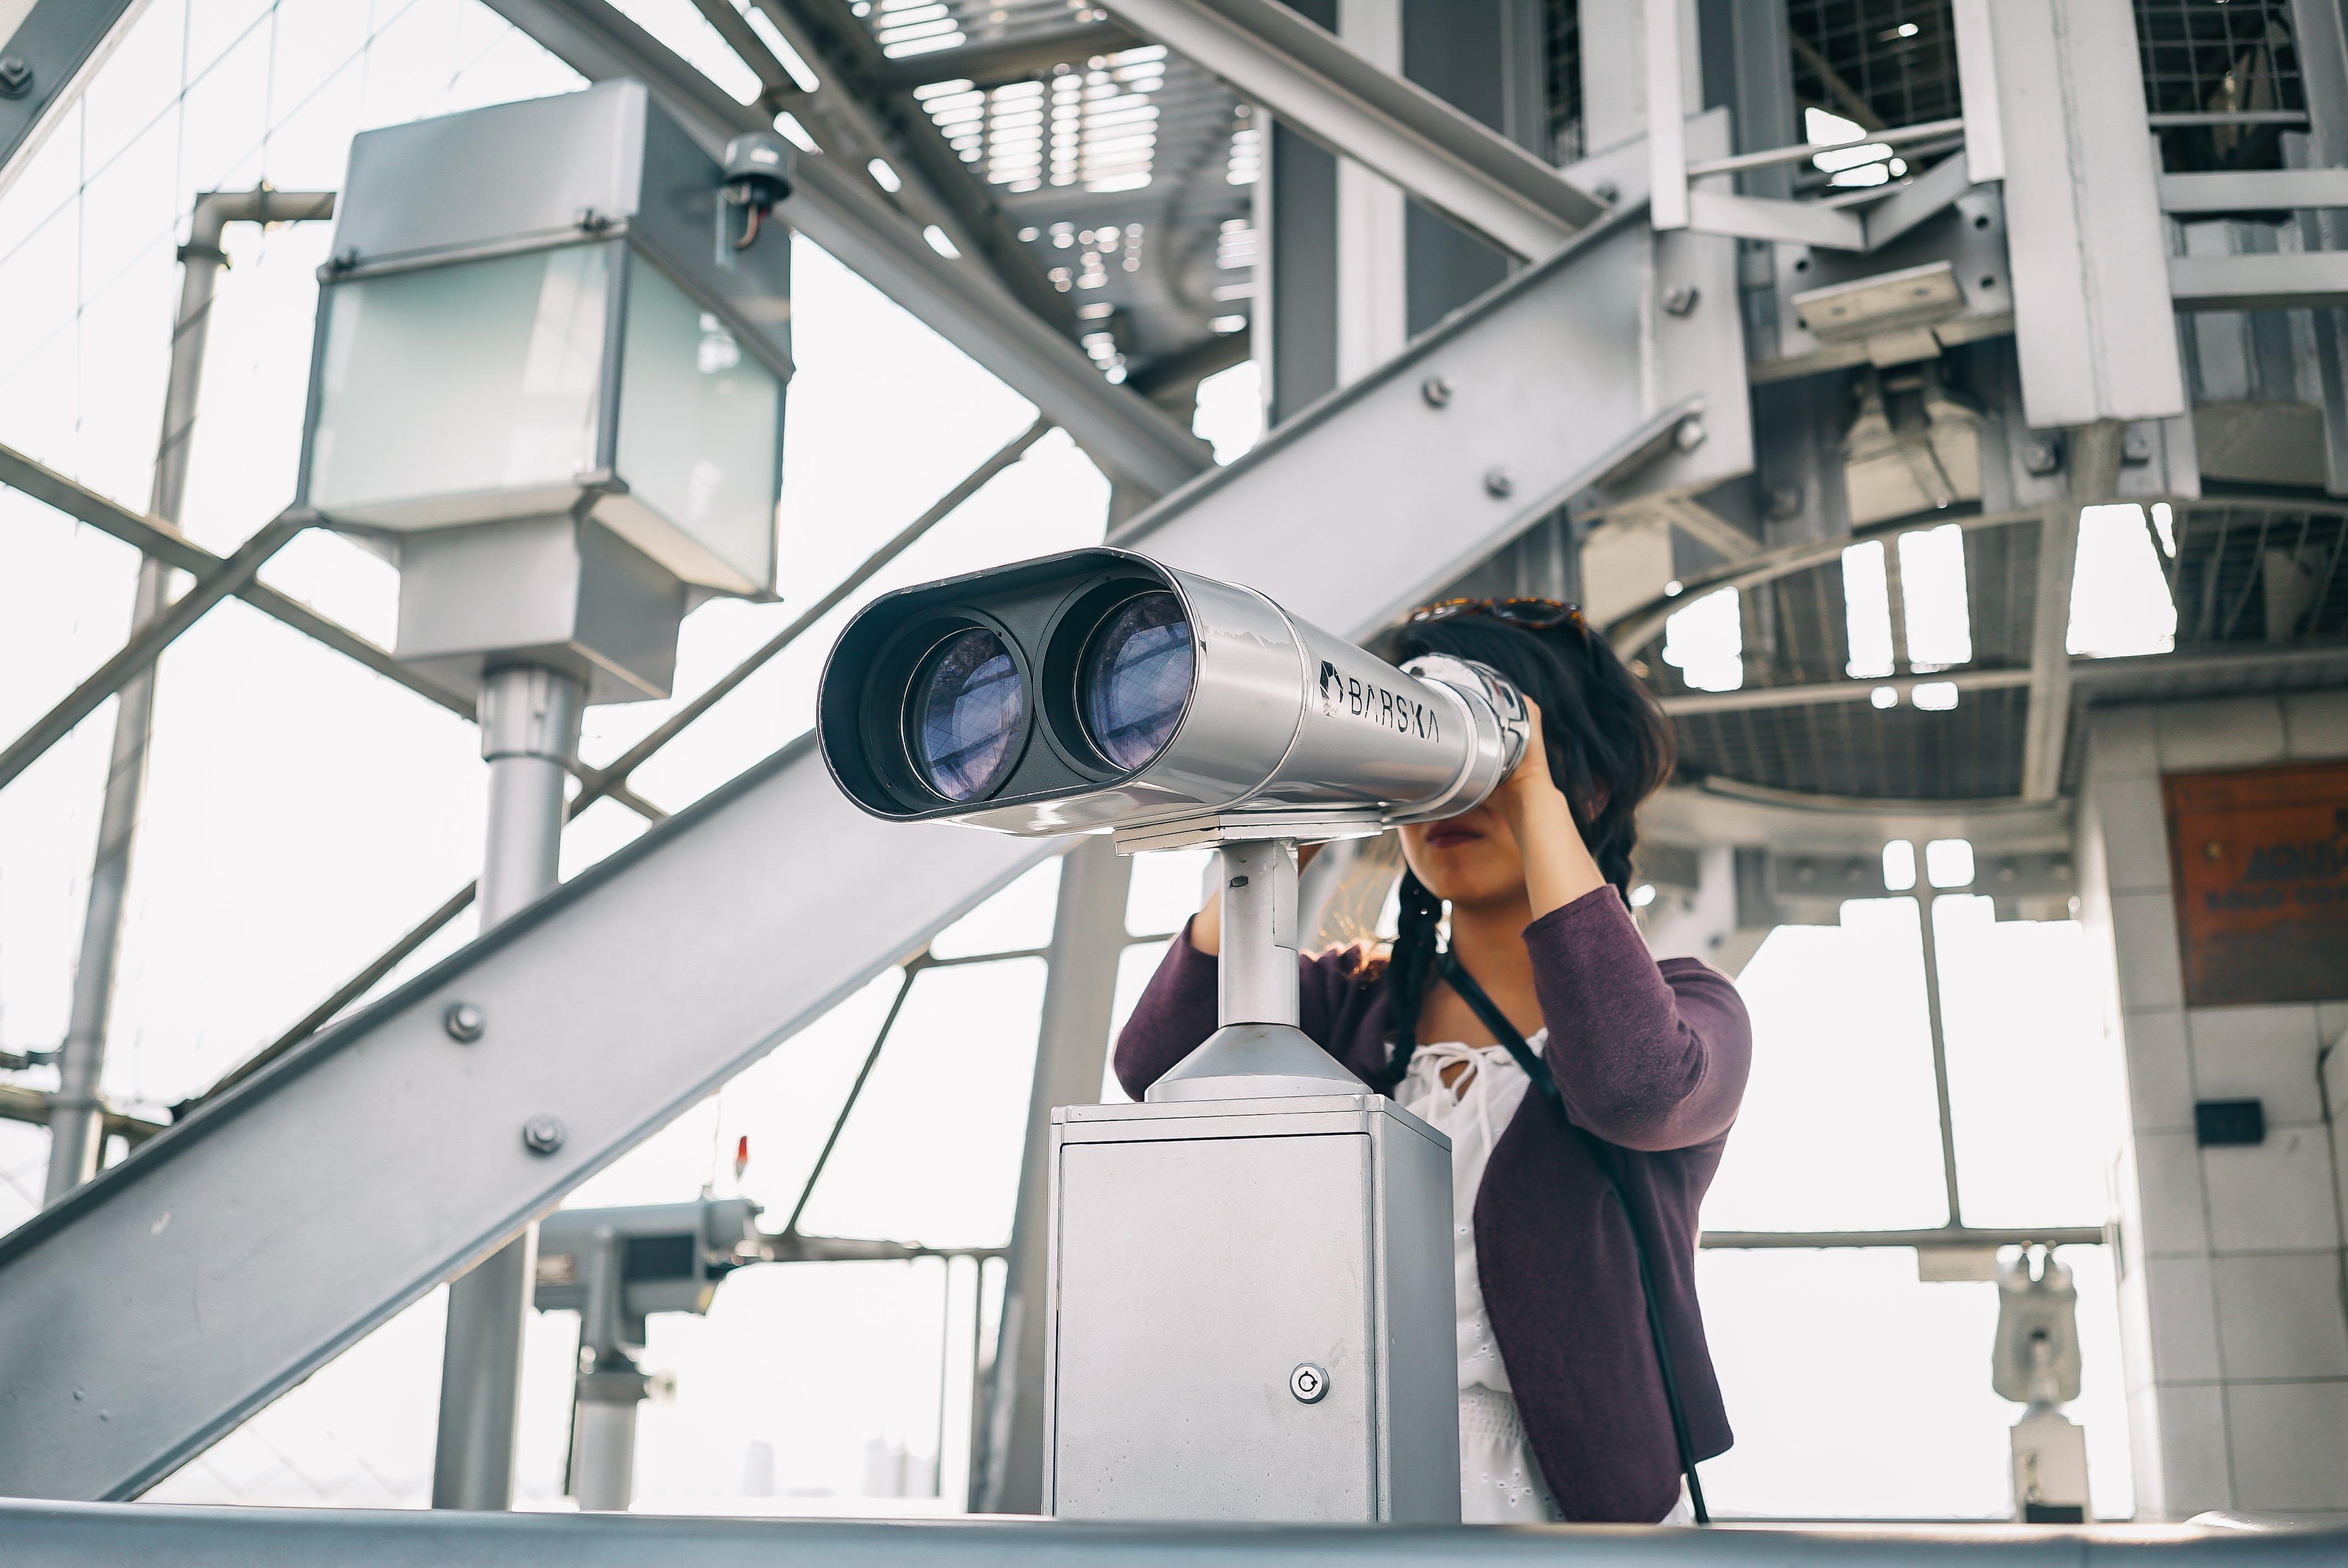 Woman in Purple Cardigan Using Binoculars